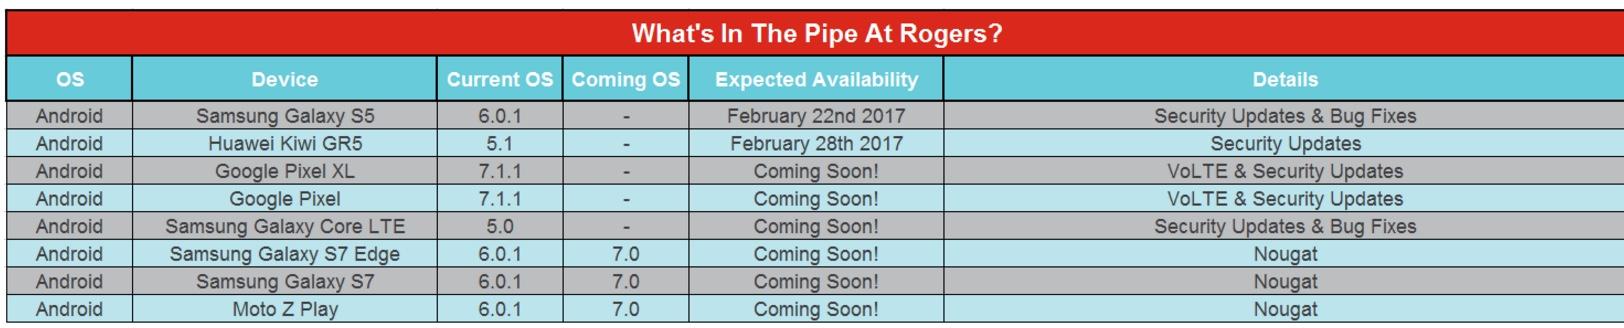 Rogers update schedule